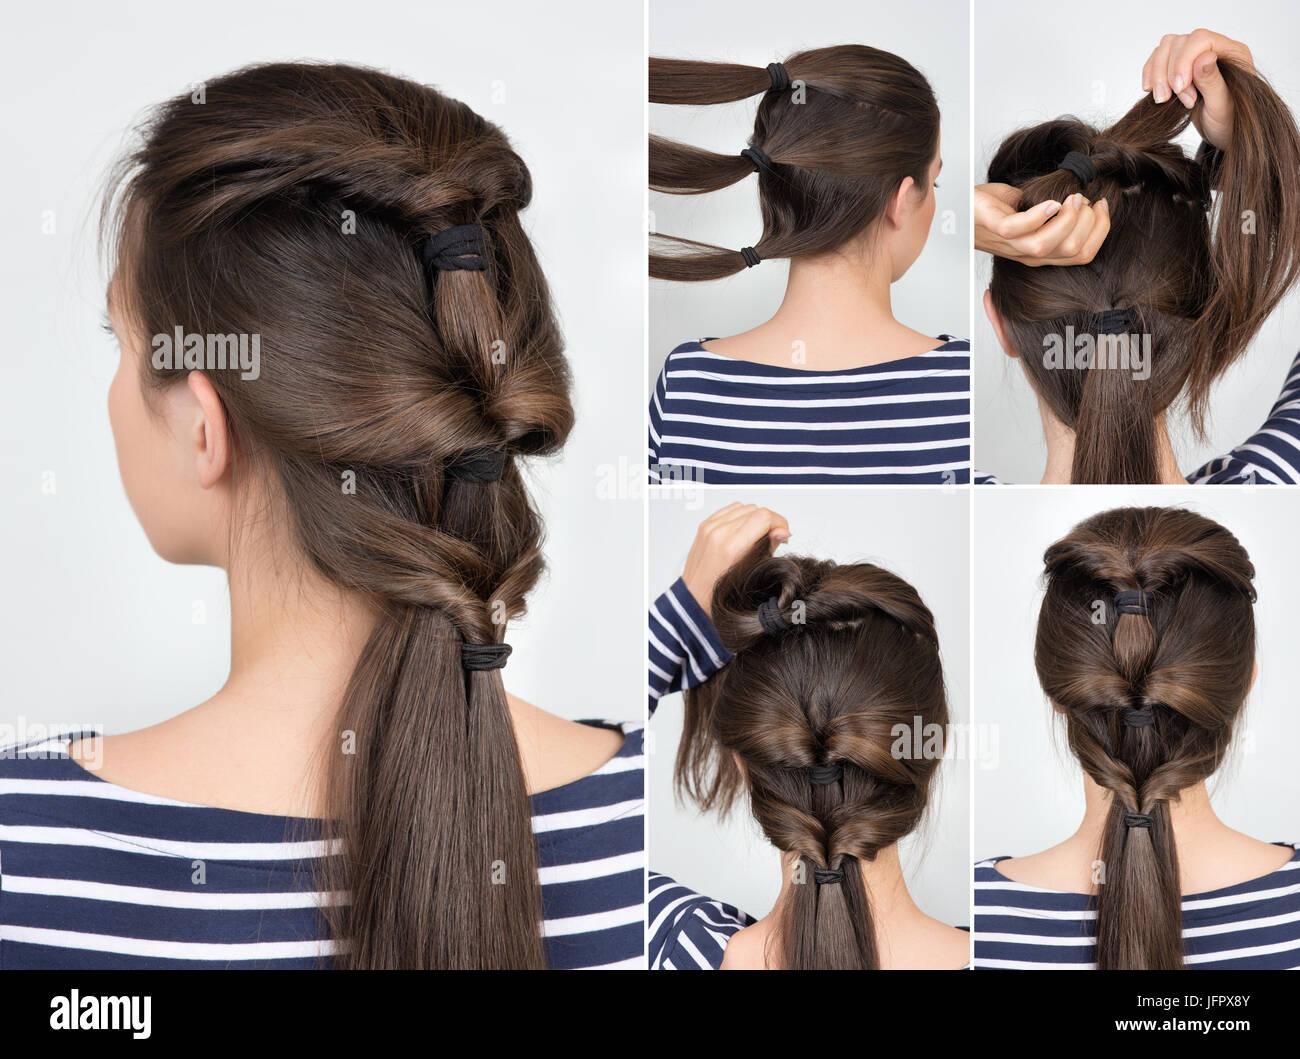 Einfache Frisur Mit Haargummi Haar Tutorial Schritt Fur Schritt